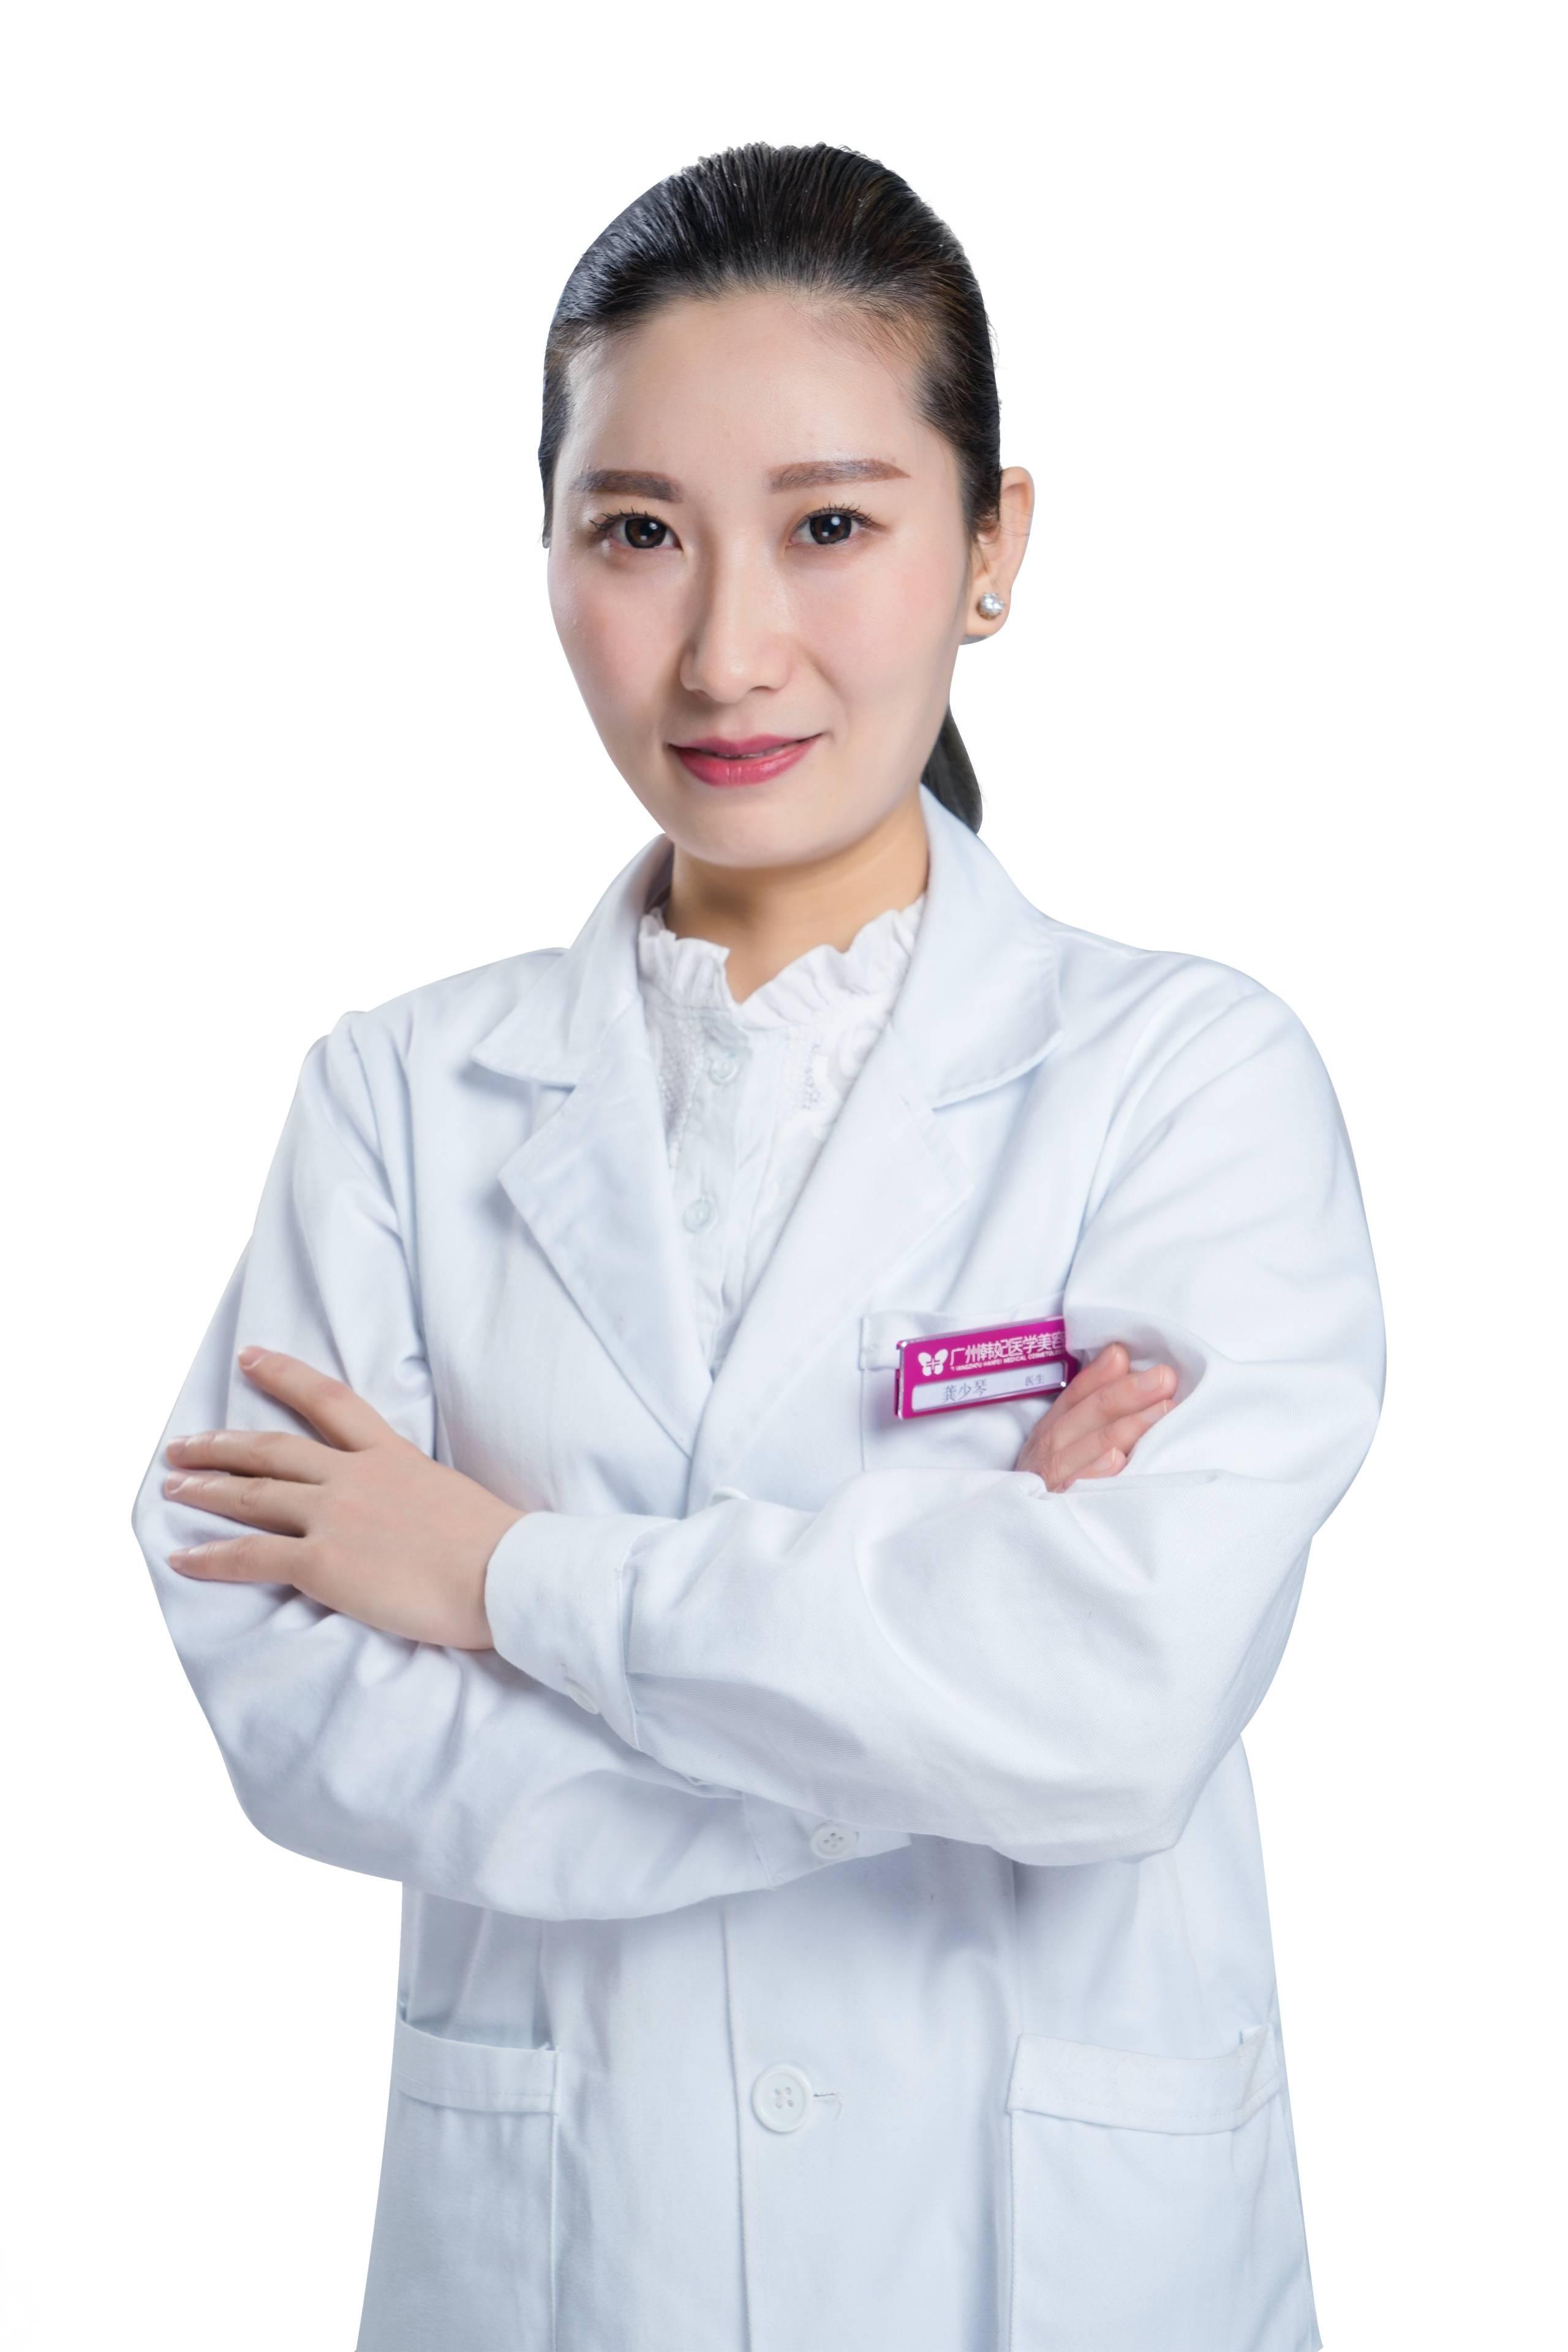 龚少琴医生